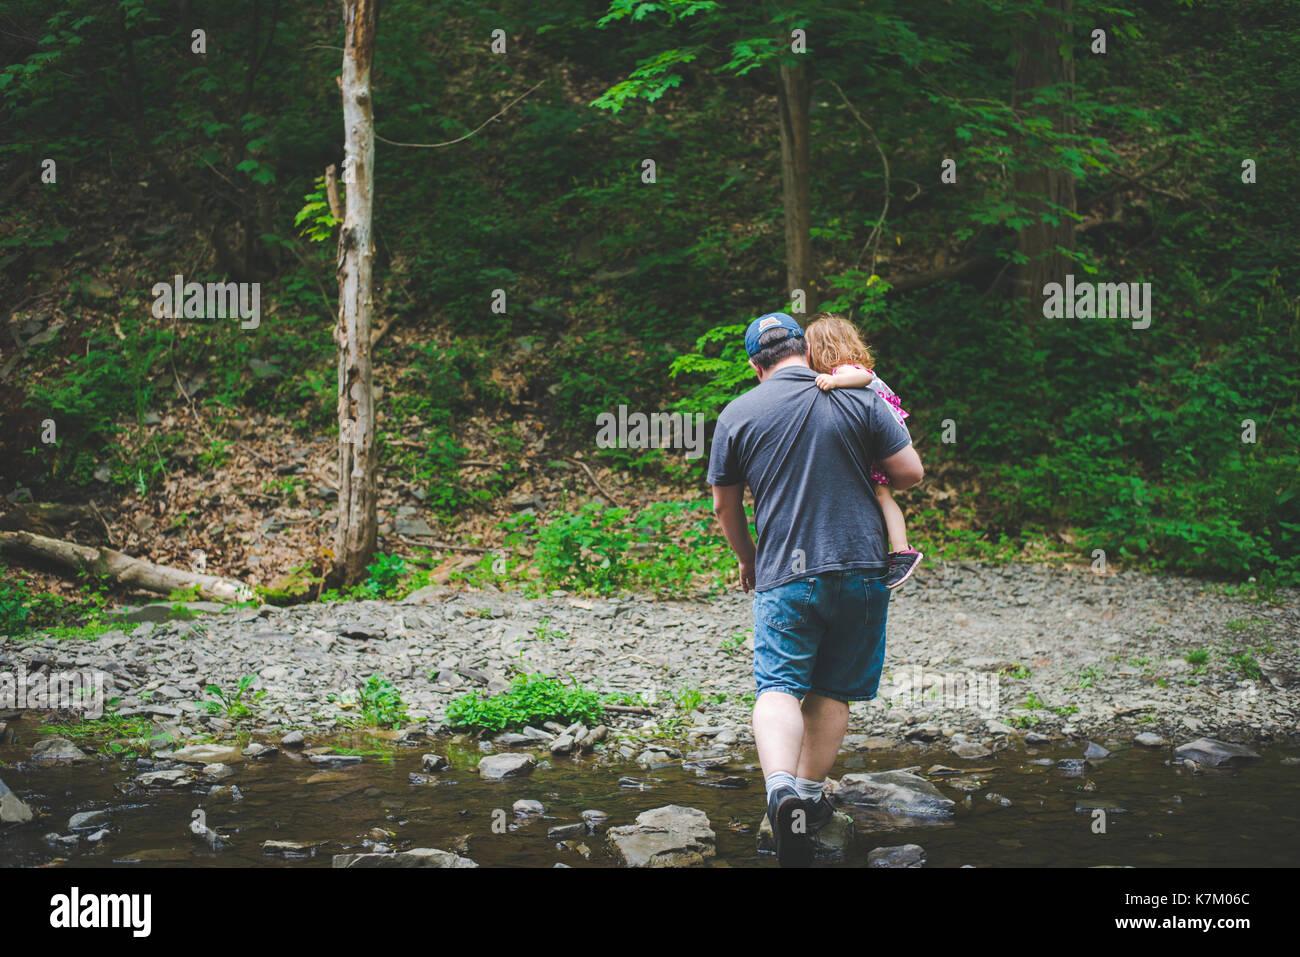 Un padre porta la sua figlia durante una passeggiata nei boschi. Immagini Stock